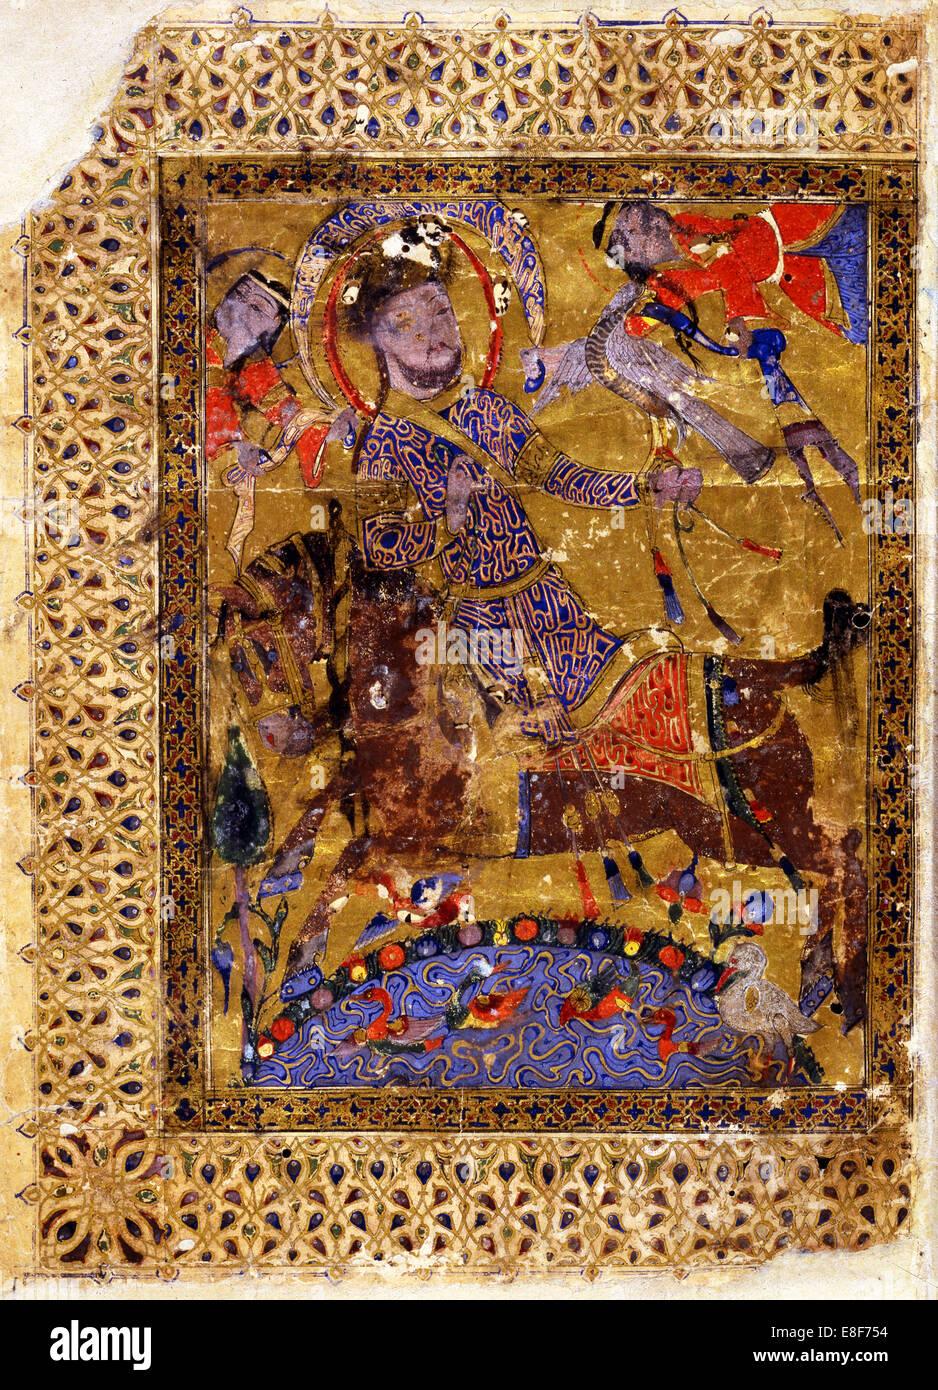 Illustration from Kitab al-aghani (Book of Songs). Artist: Muhammad ibn Abi Talib al-Badri (active c. 1220) - Stock Image